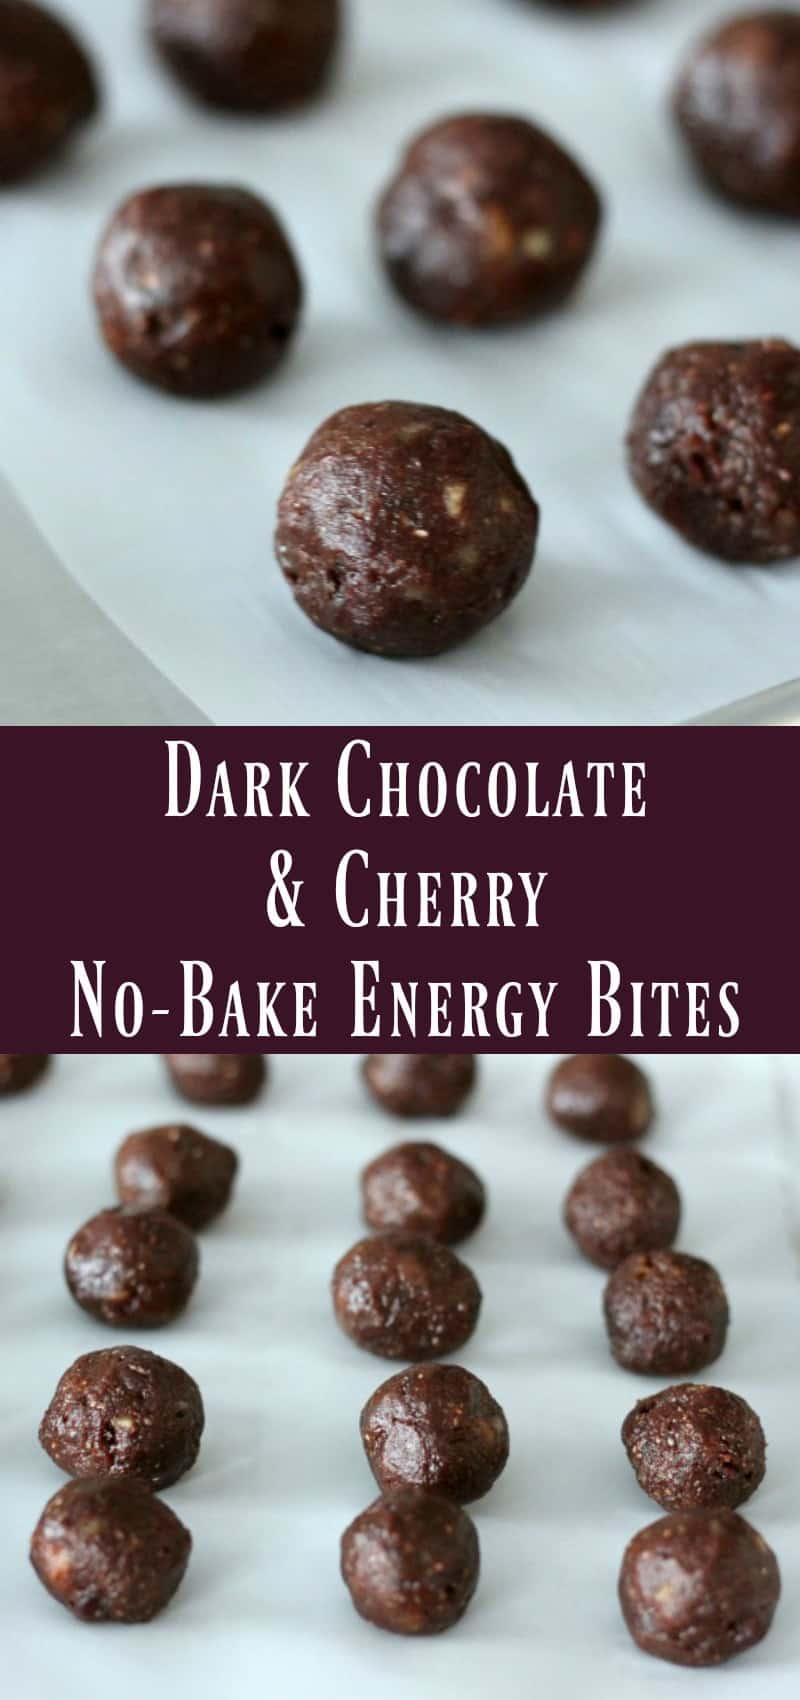 Dark Chocolate and Cherry No-Bake Energy Bites